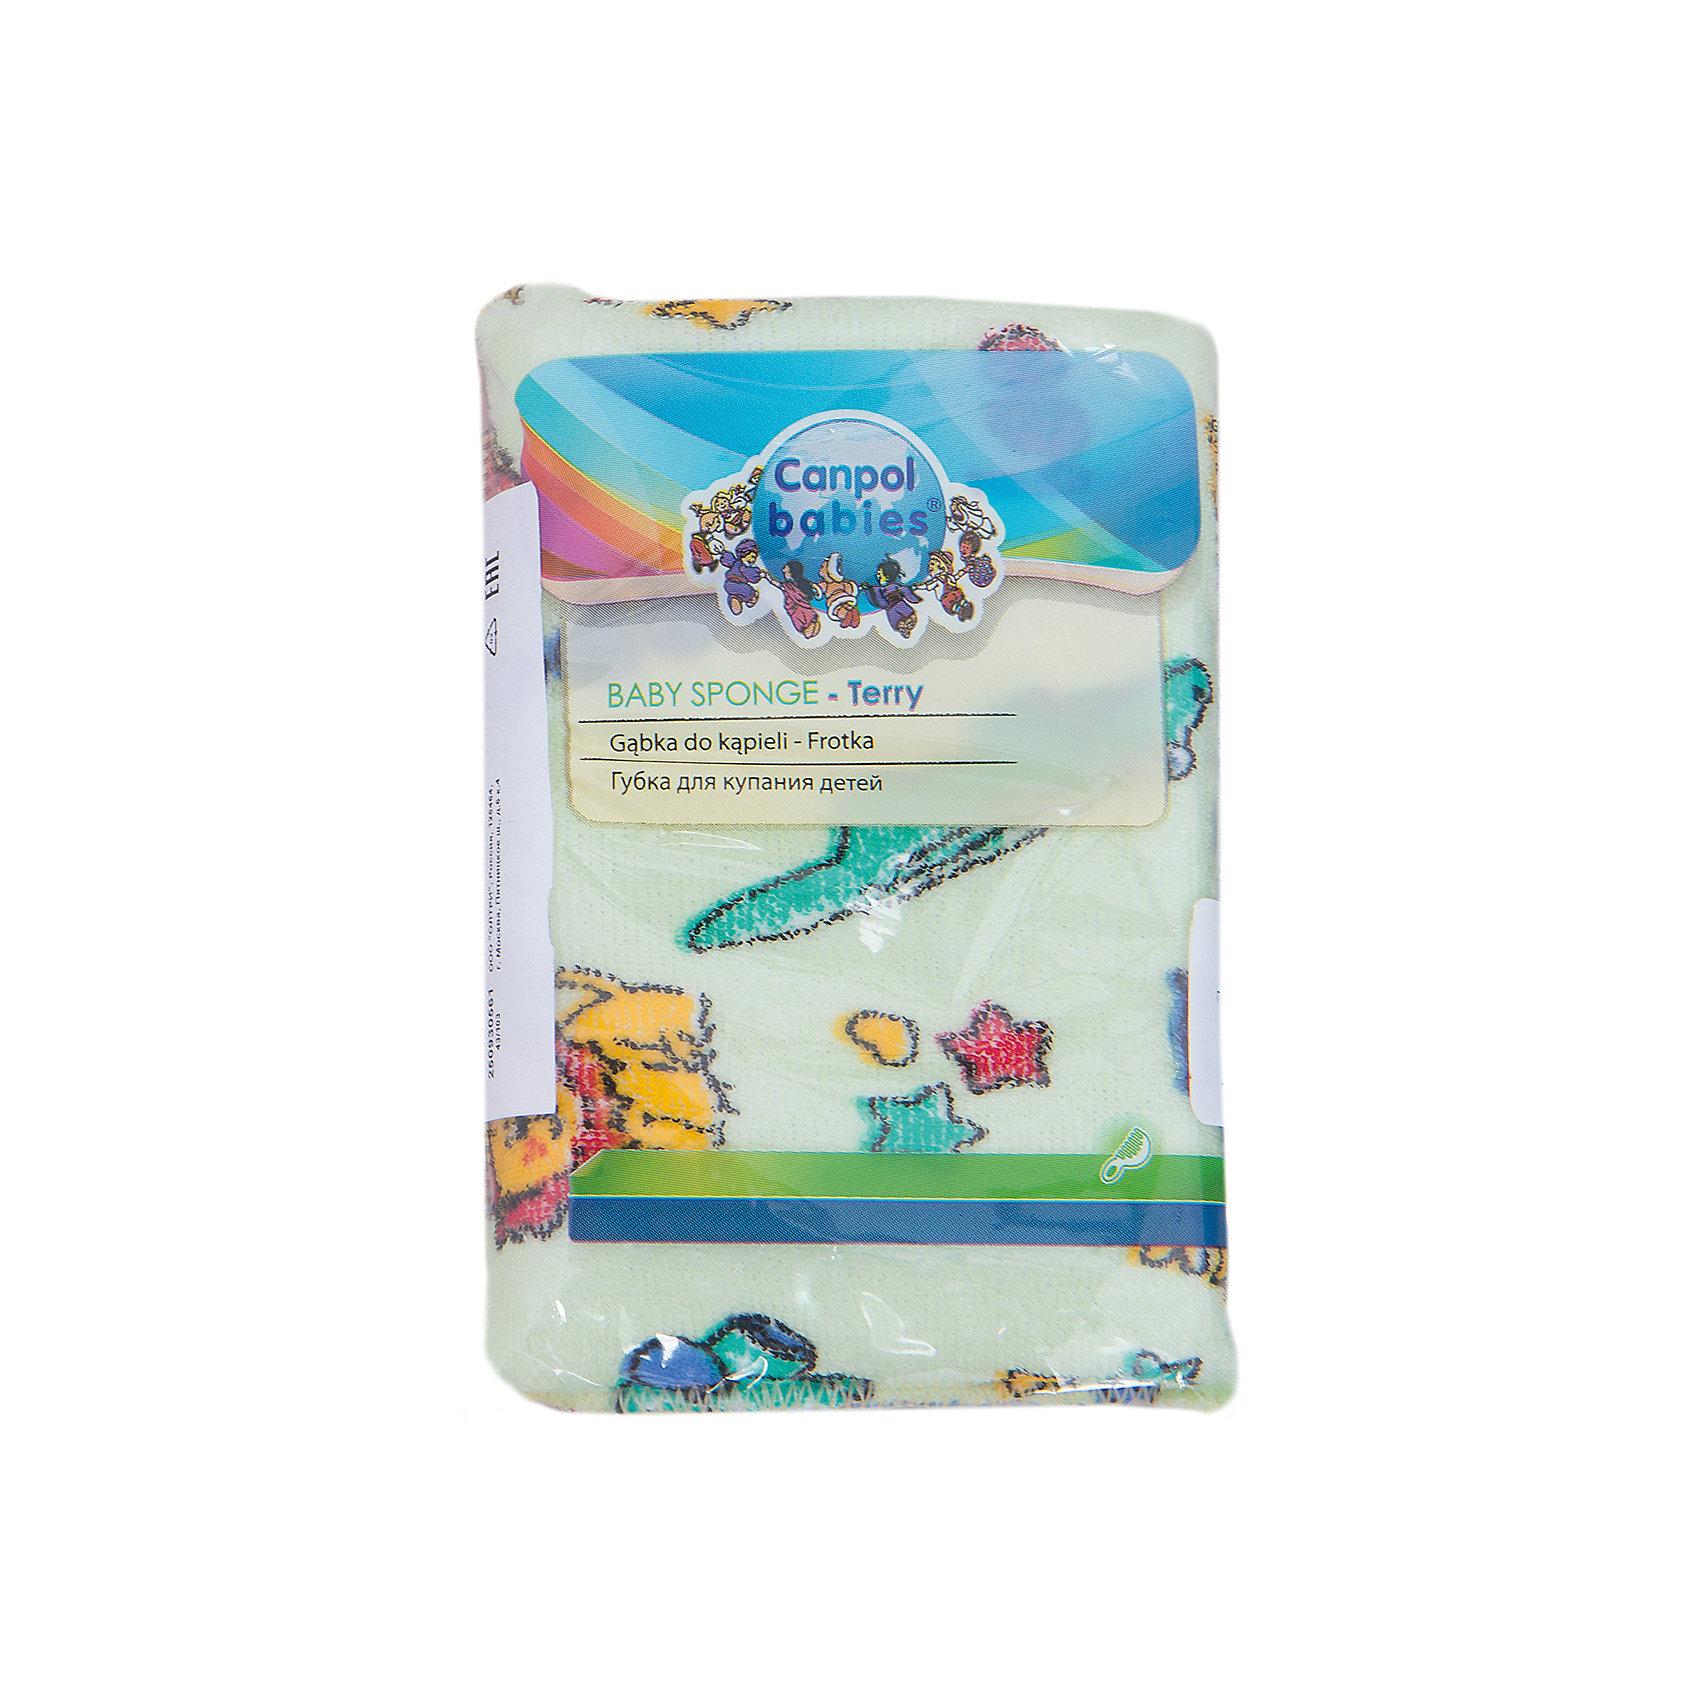 Canpol Babies Губка махровая, Canpol Babies, зеленый  canpol babies губка для купания marble цвет голубой